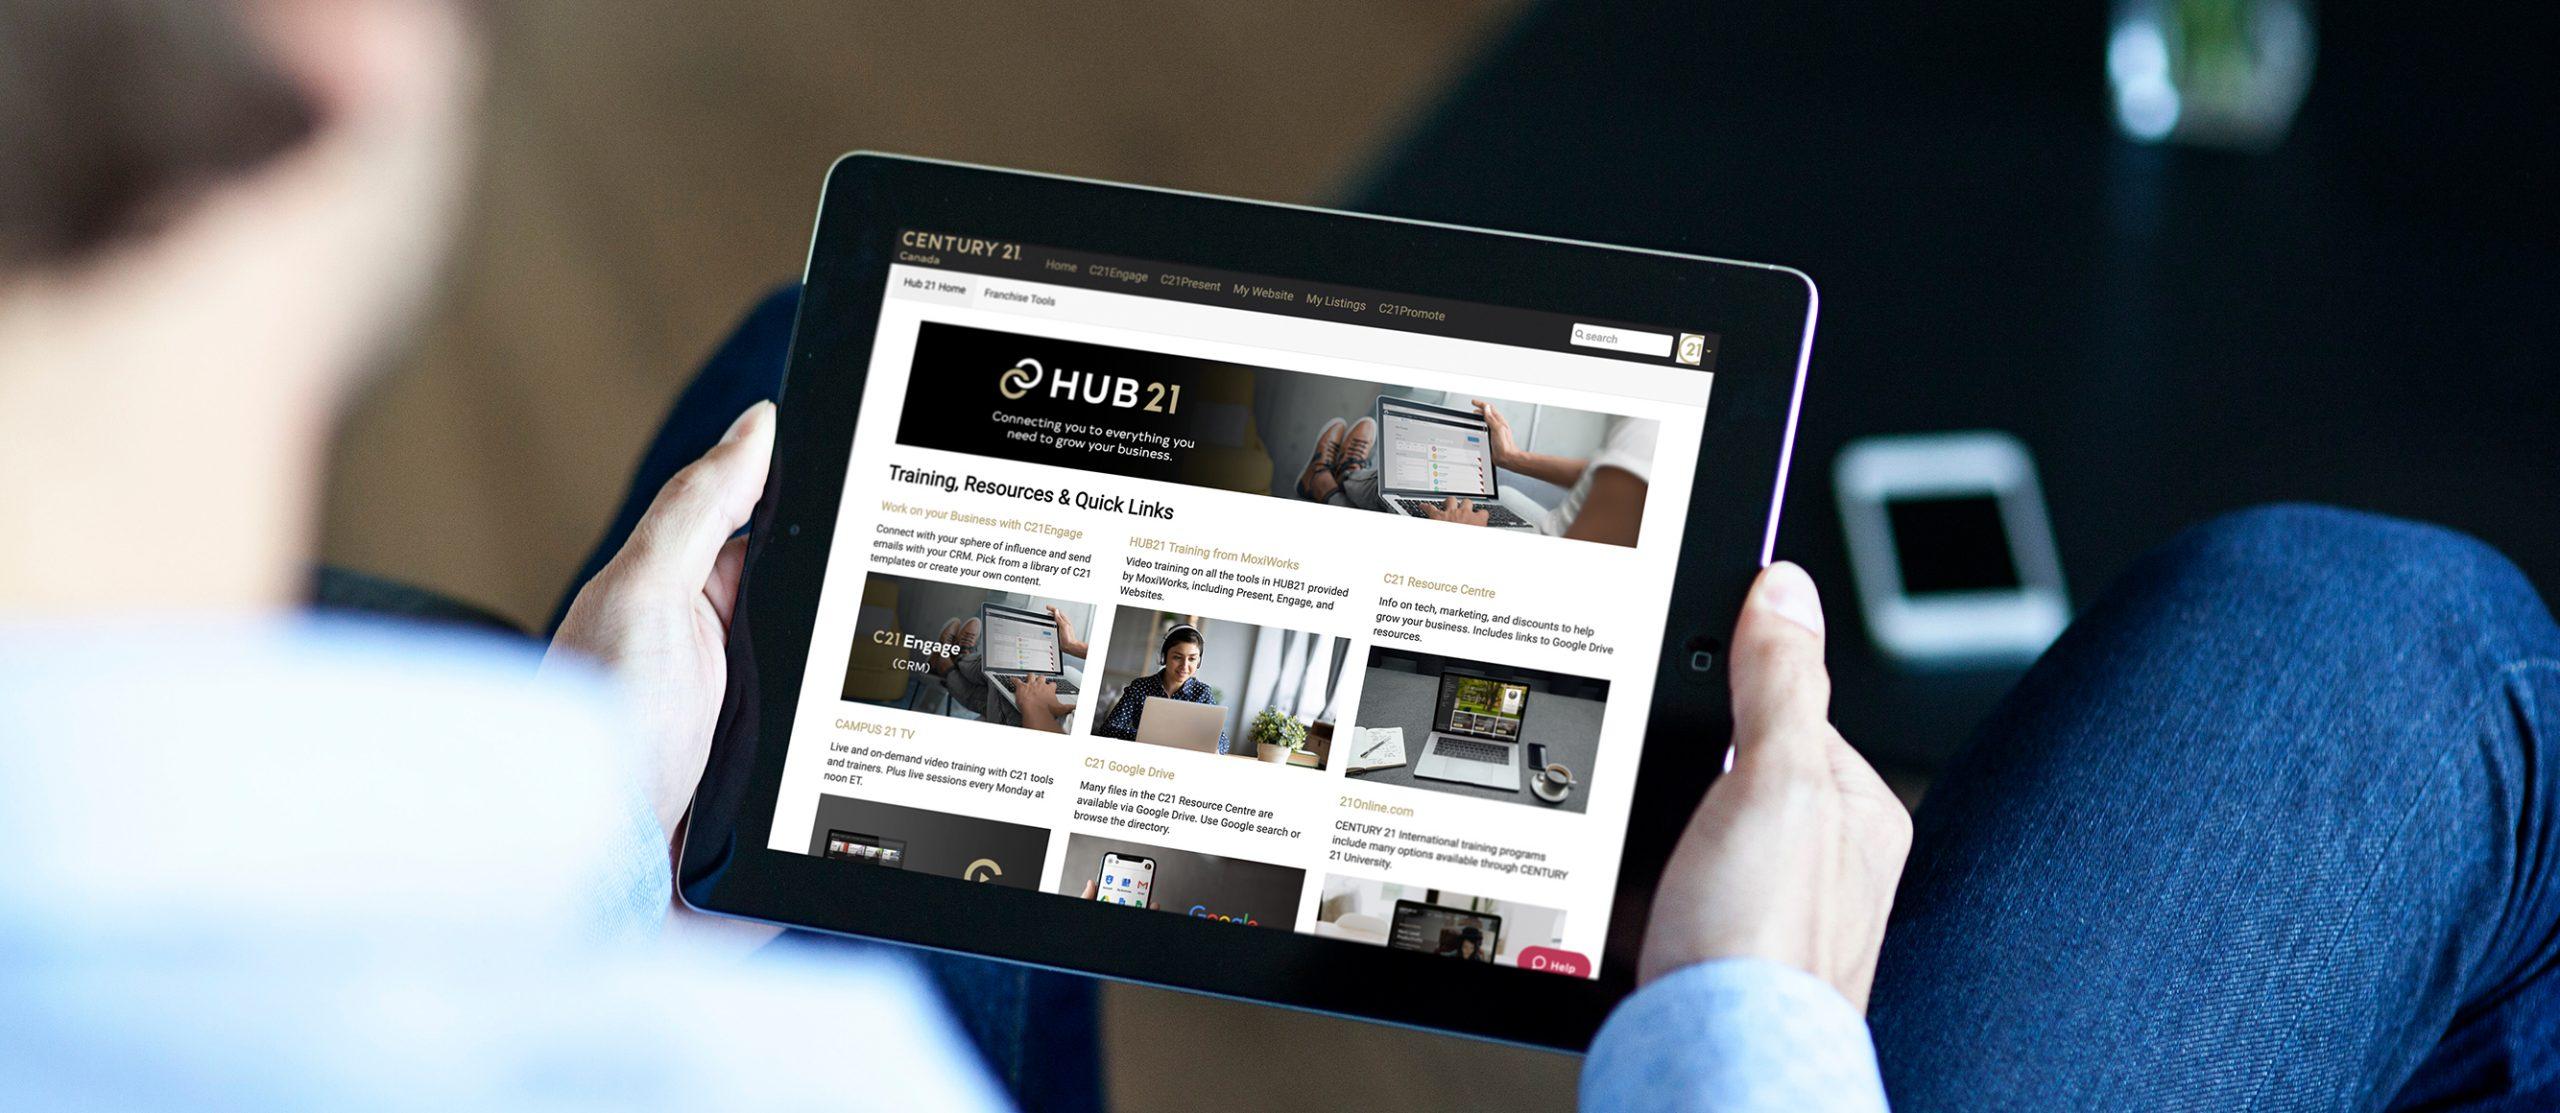 HUB21 iPad